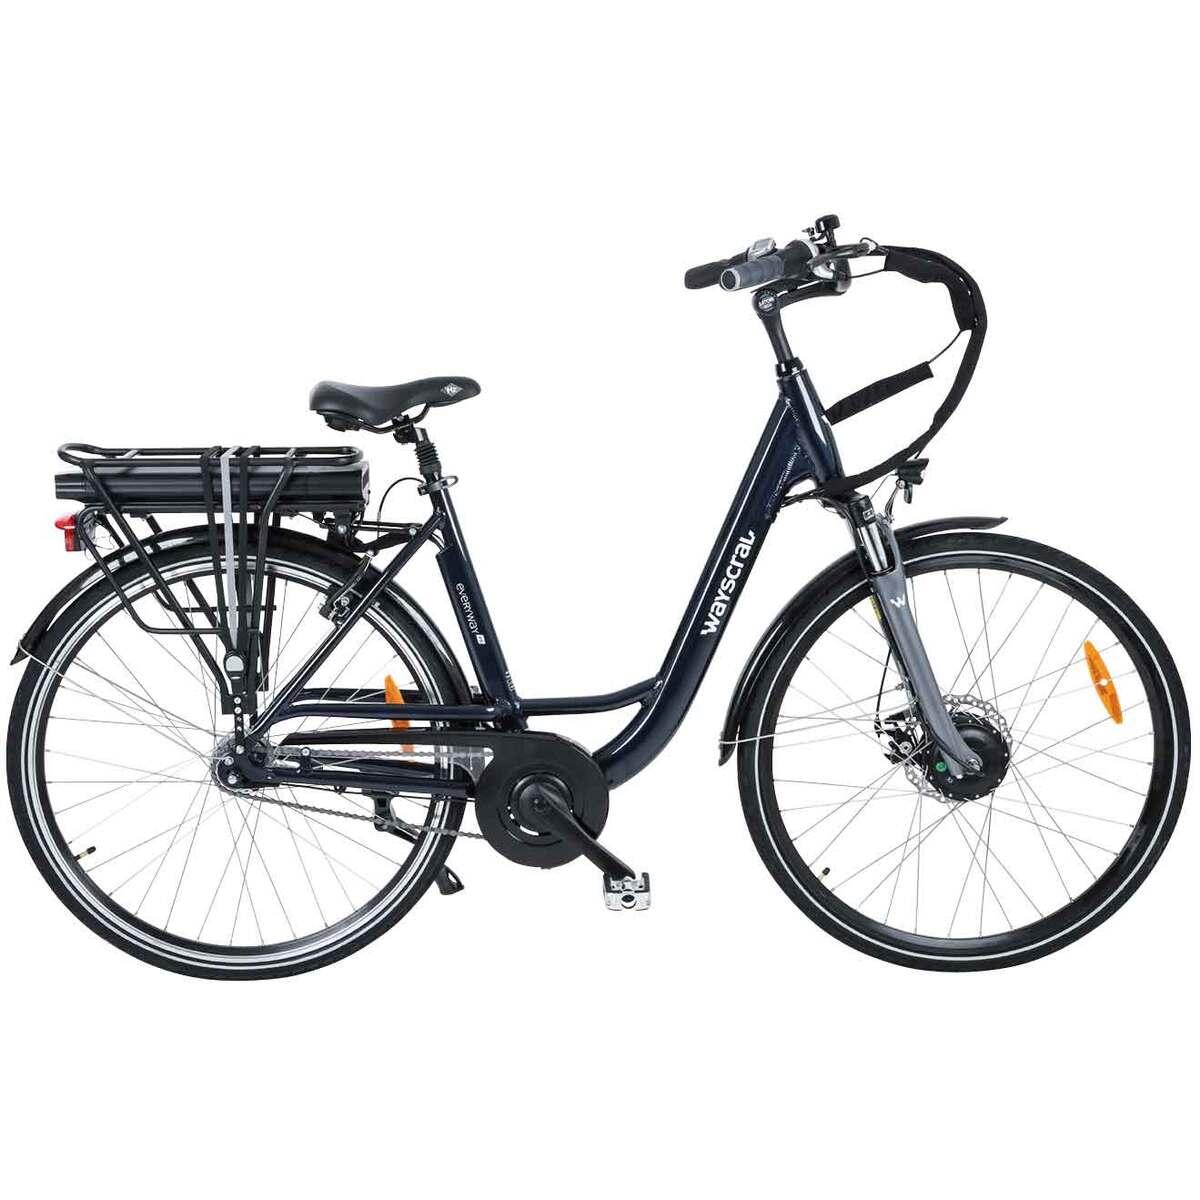 Bild 2 von Wayscral E-Bike City 528 Start, 28 Zoll Pedelec, elektrisch unterstütztes Cityrad in Dunkelblau, bis zu 45 km Reichweite